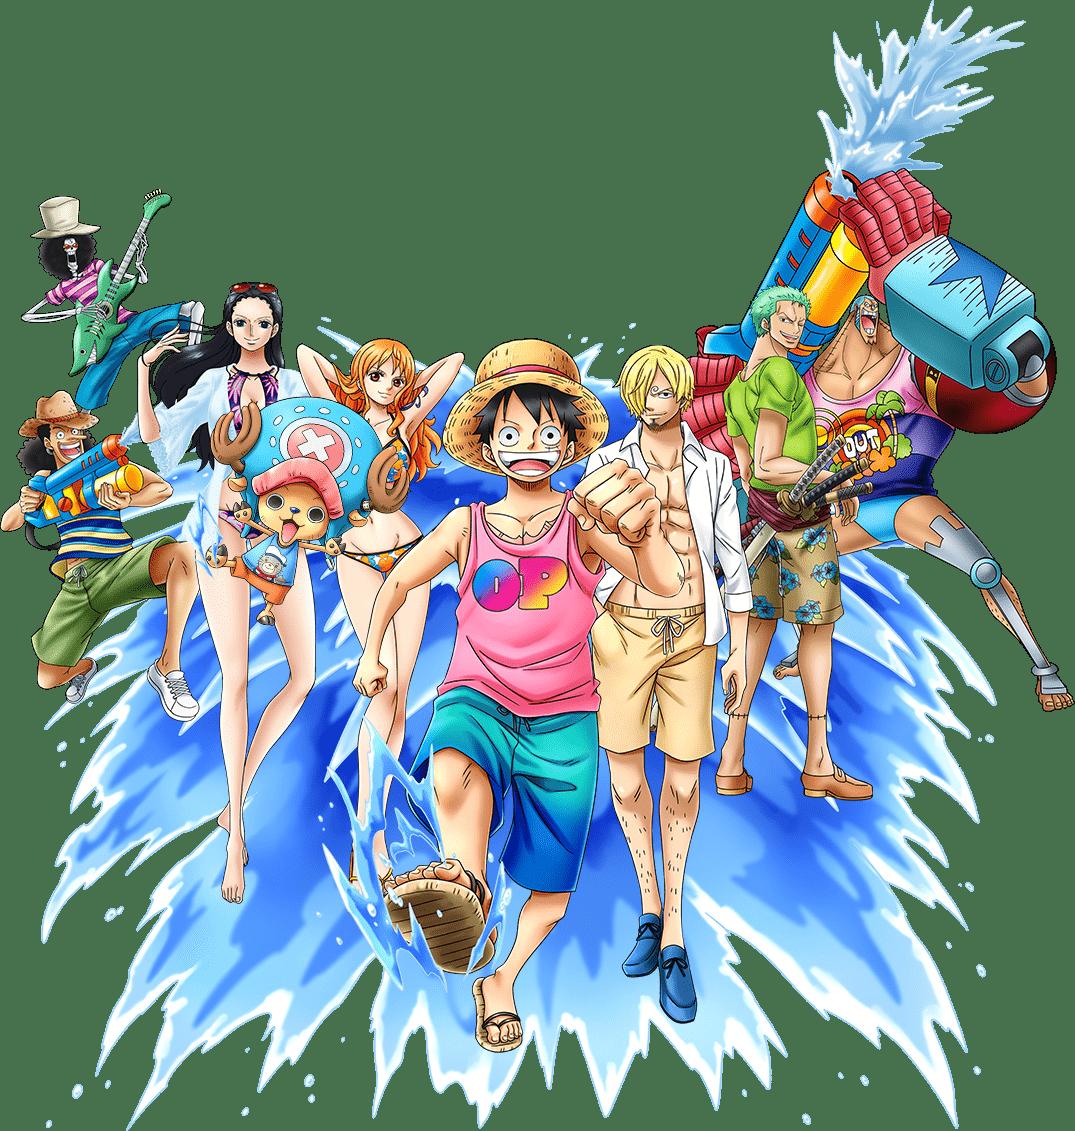 Straw Hat Pirates By Bodskih One Piece Anime One Piece Pictures One Piece Crew